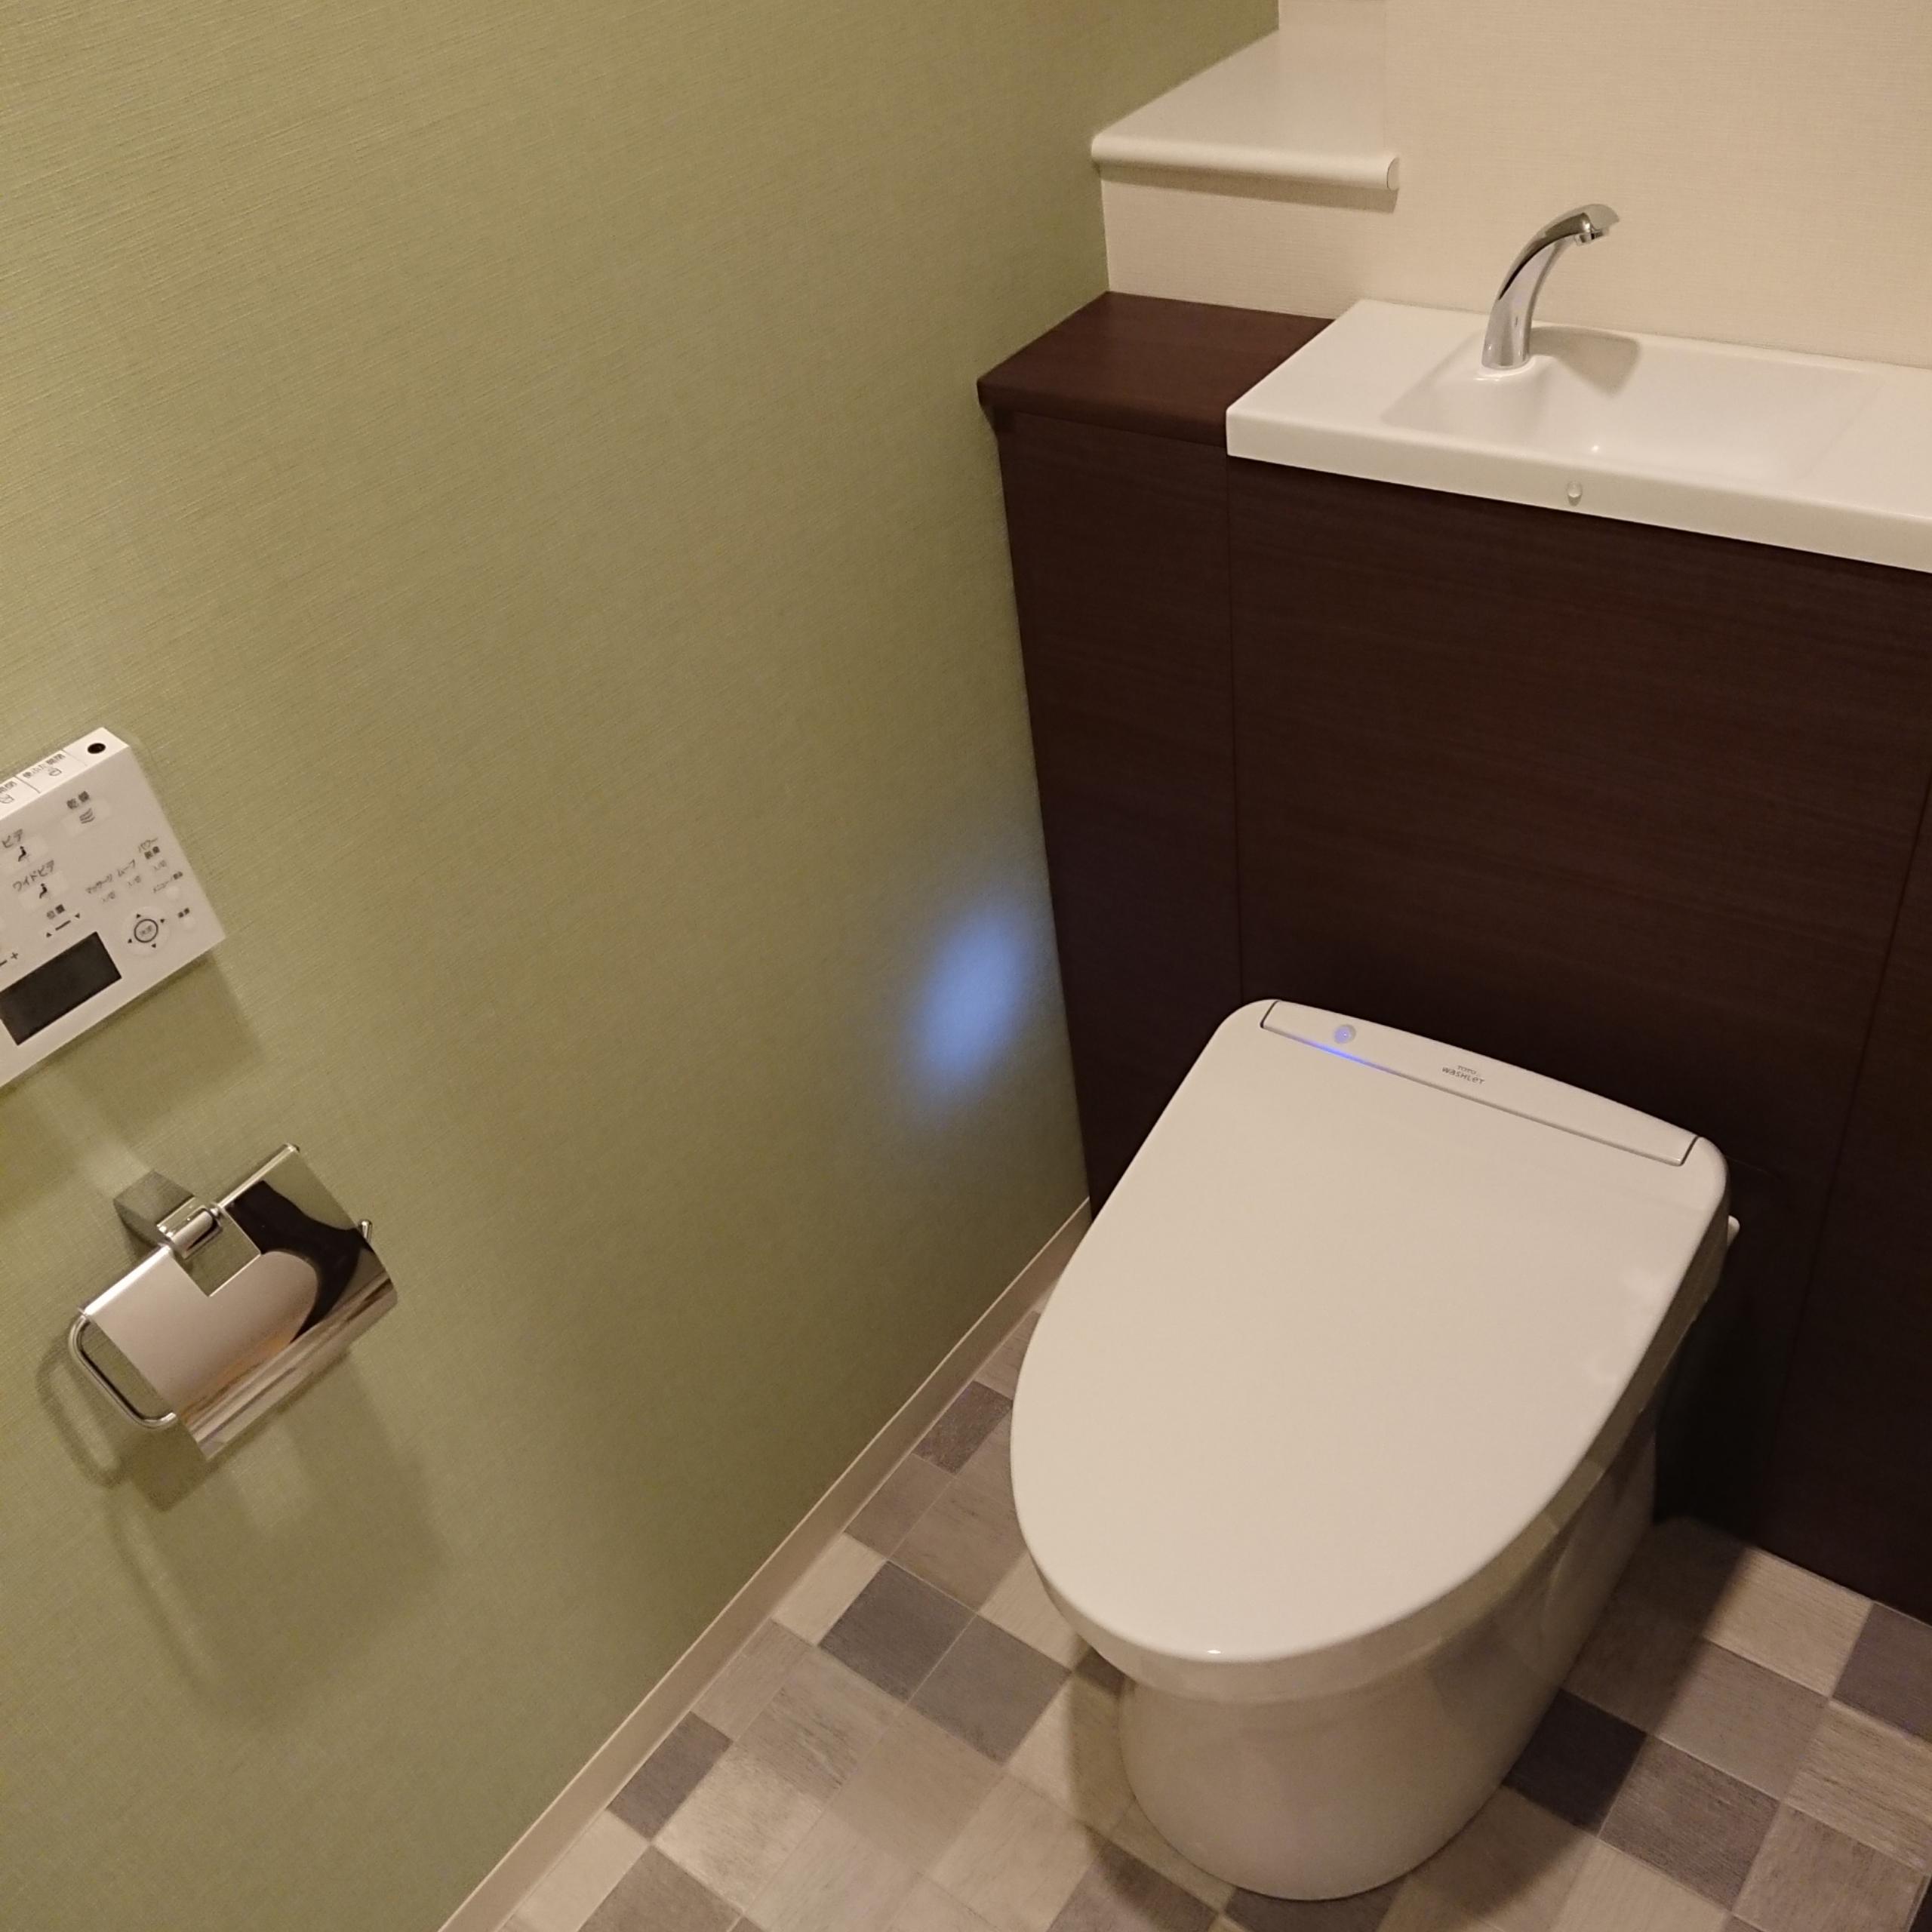 マンション<br> トイレのリフォーム<br>TOTO レストパルの画像